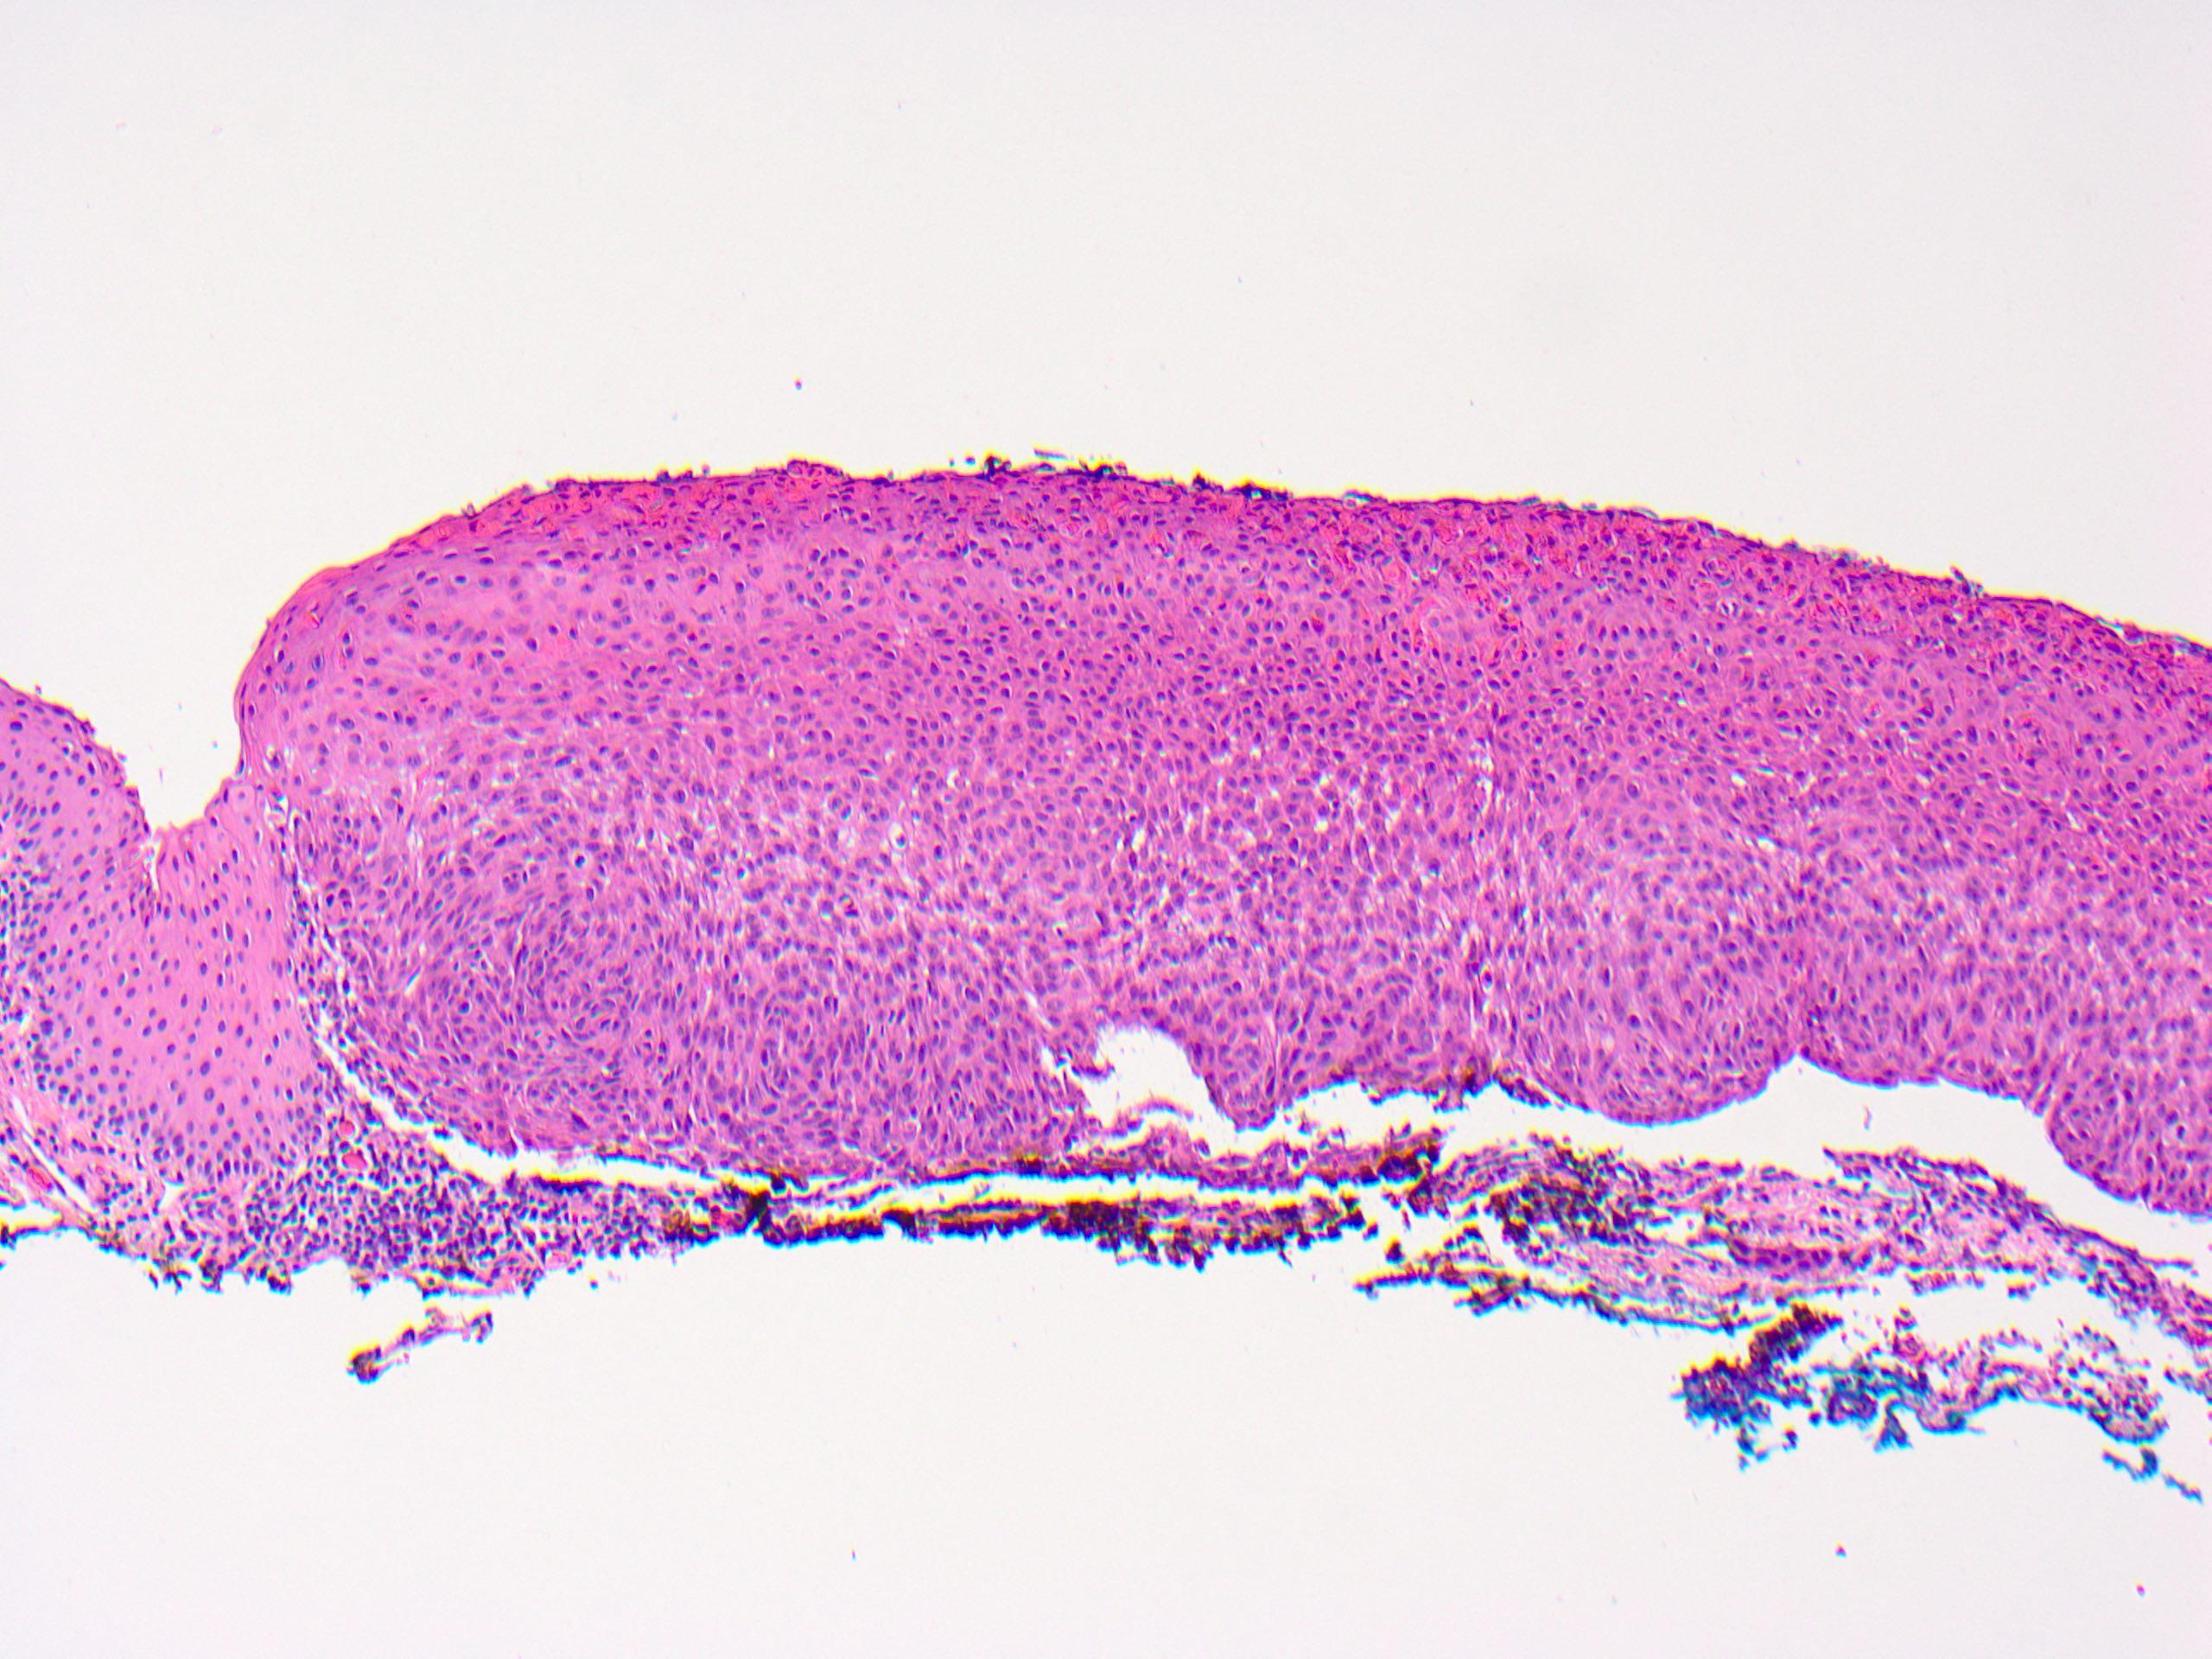 papilloma conjunctiva pathology